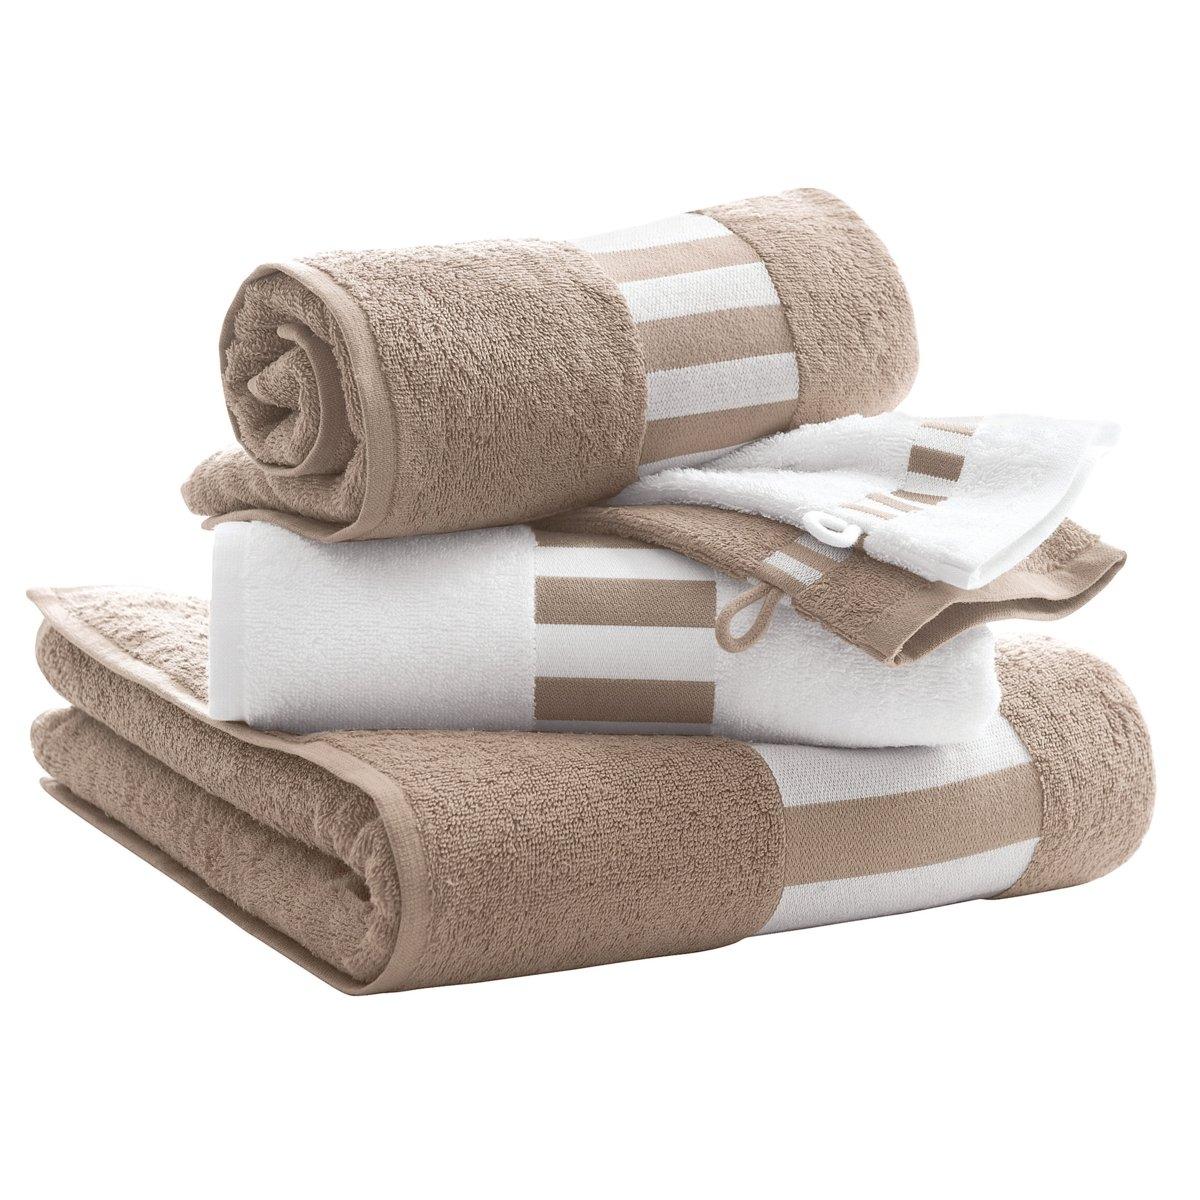 Комплект для ваннойКрасивый комплект в бело-бежевых и бело-зеленых тонах для стильной ванной. 1 однотонное банное полотенце 70 х 140 см + 2 полотенца в вертикальную полоску 50 х 100 см + 2 однотонные банные рукавички 15 х 21 см. Прочная махровая ткань, 100% хлопка, 420 г/м?. Кайма в полоску. Долго остаются мягкими. Превосходная стойкость цвета при стирке (60°). Машинная сушка.<br><br>Цвет: серо-бежевый